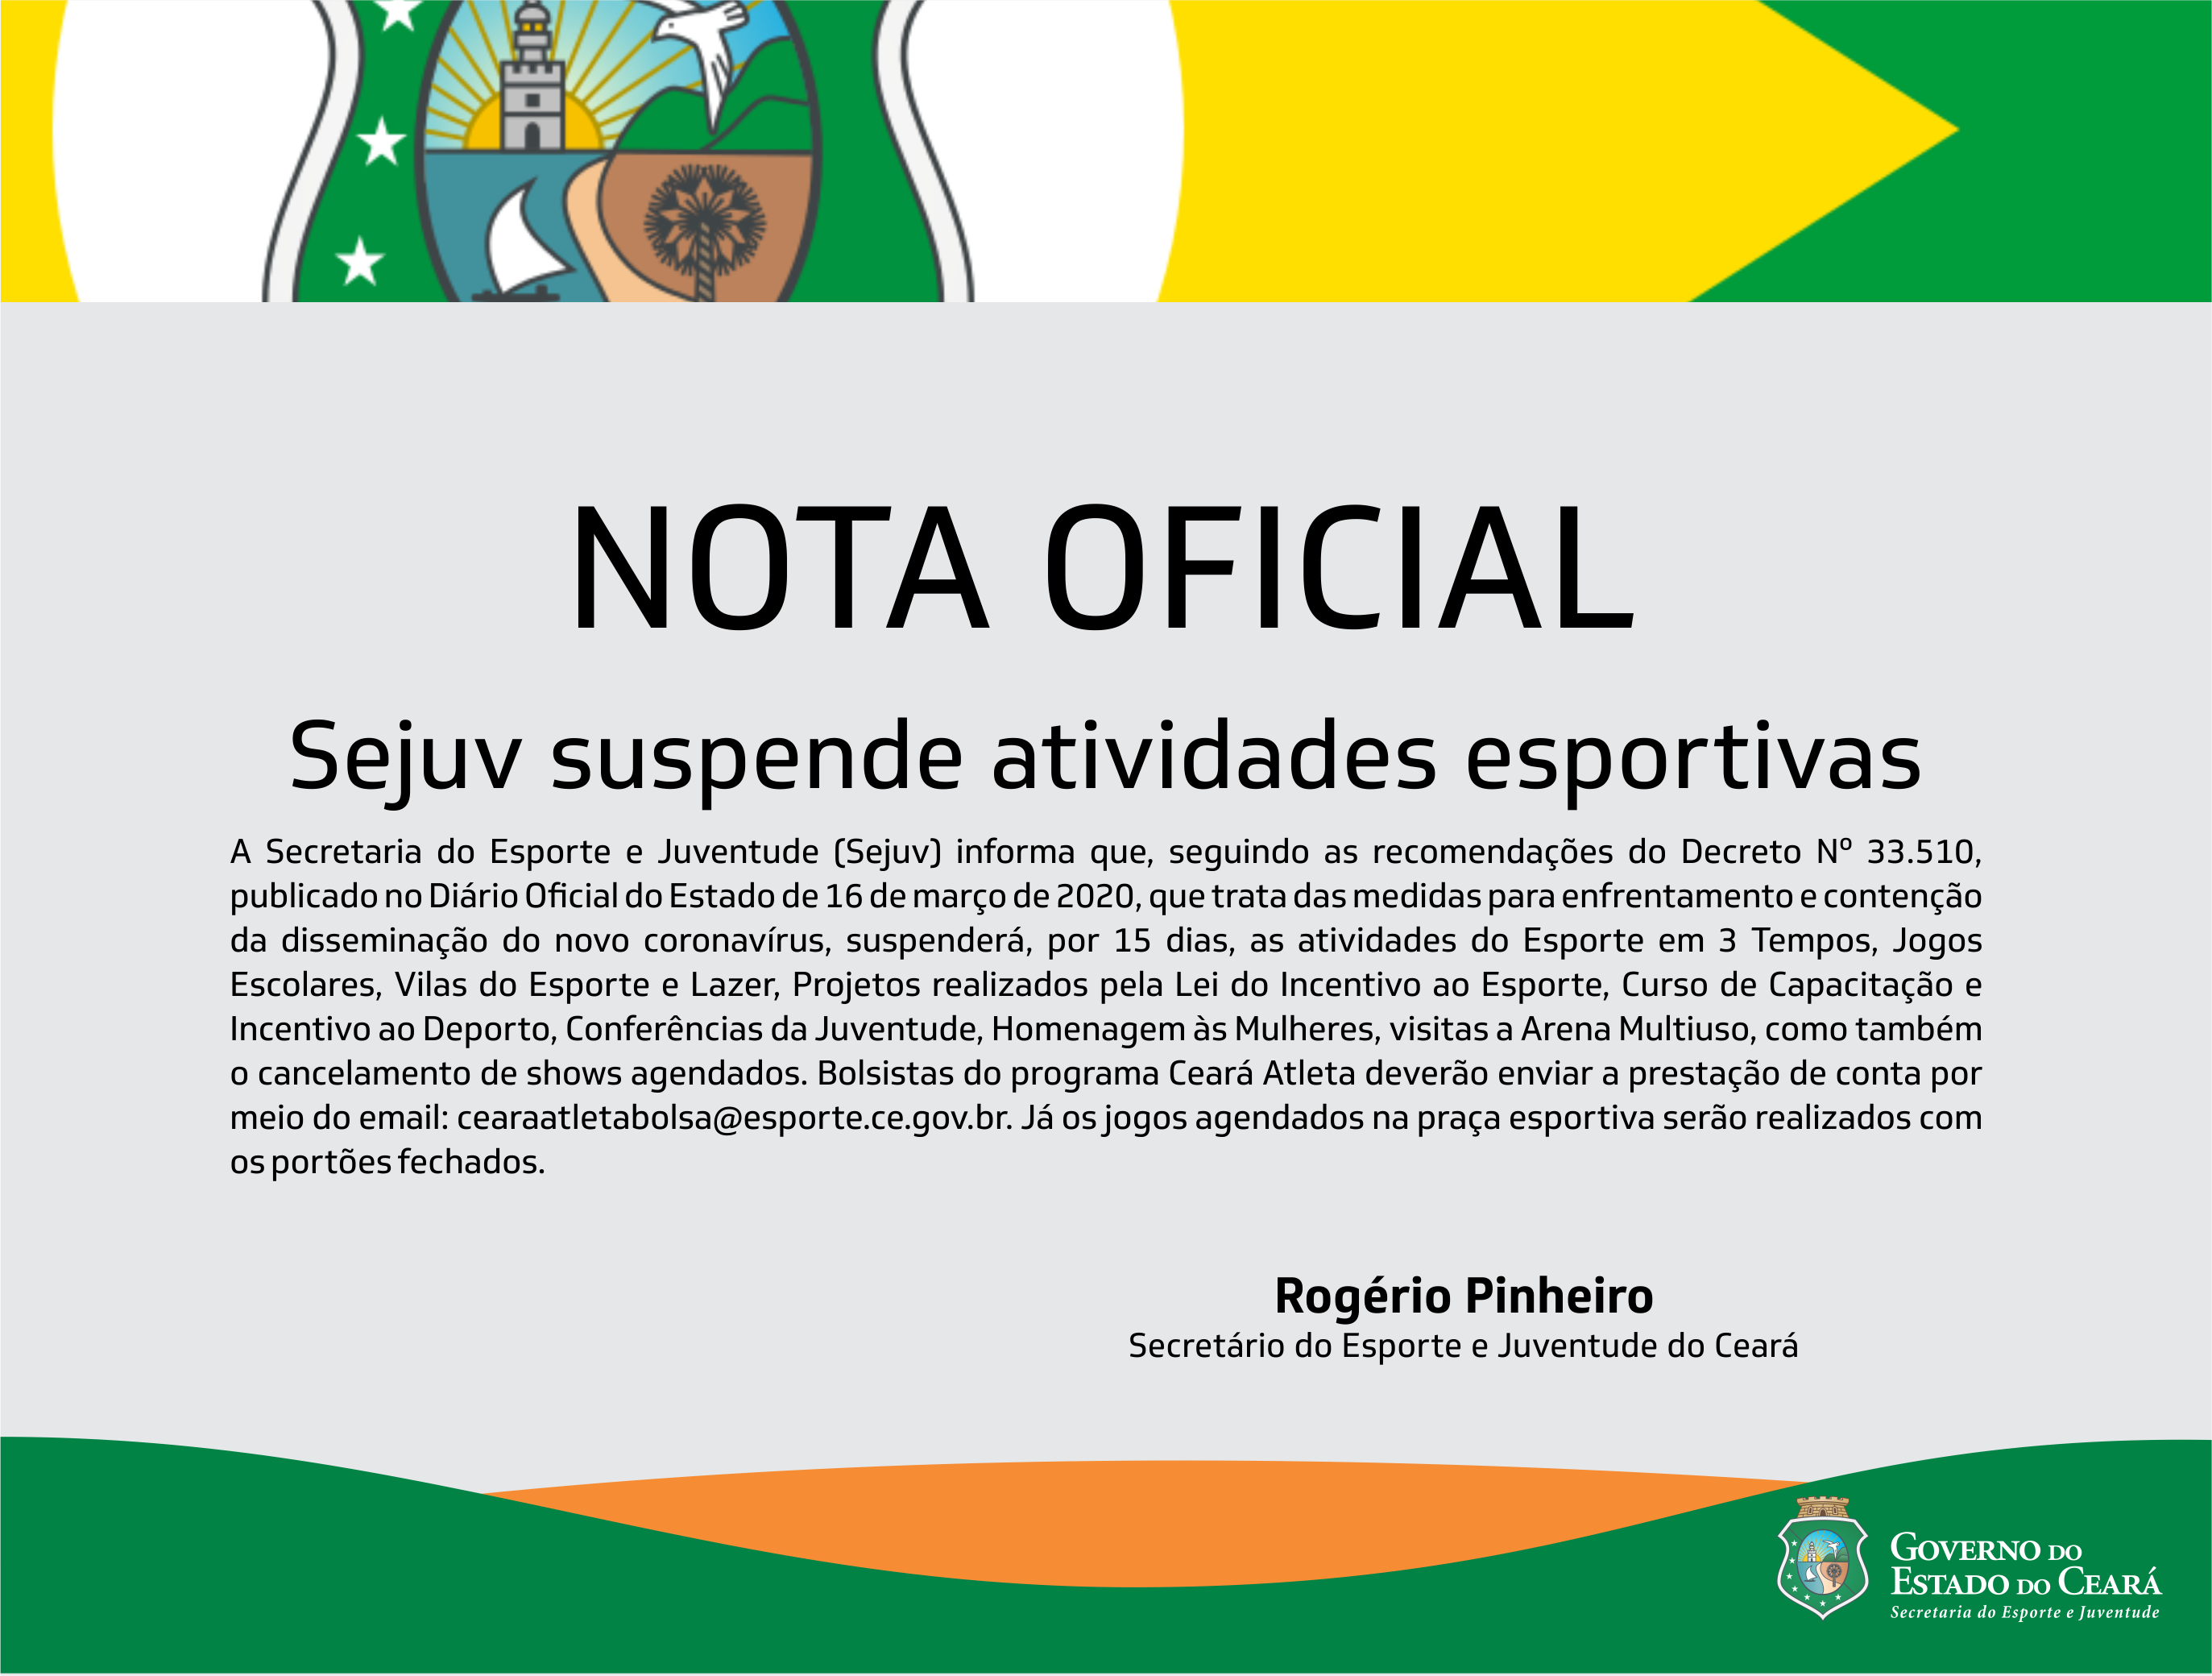 Sejuv suspende atividades esportivas